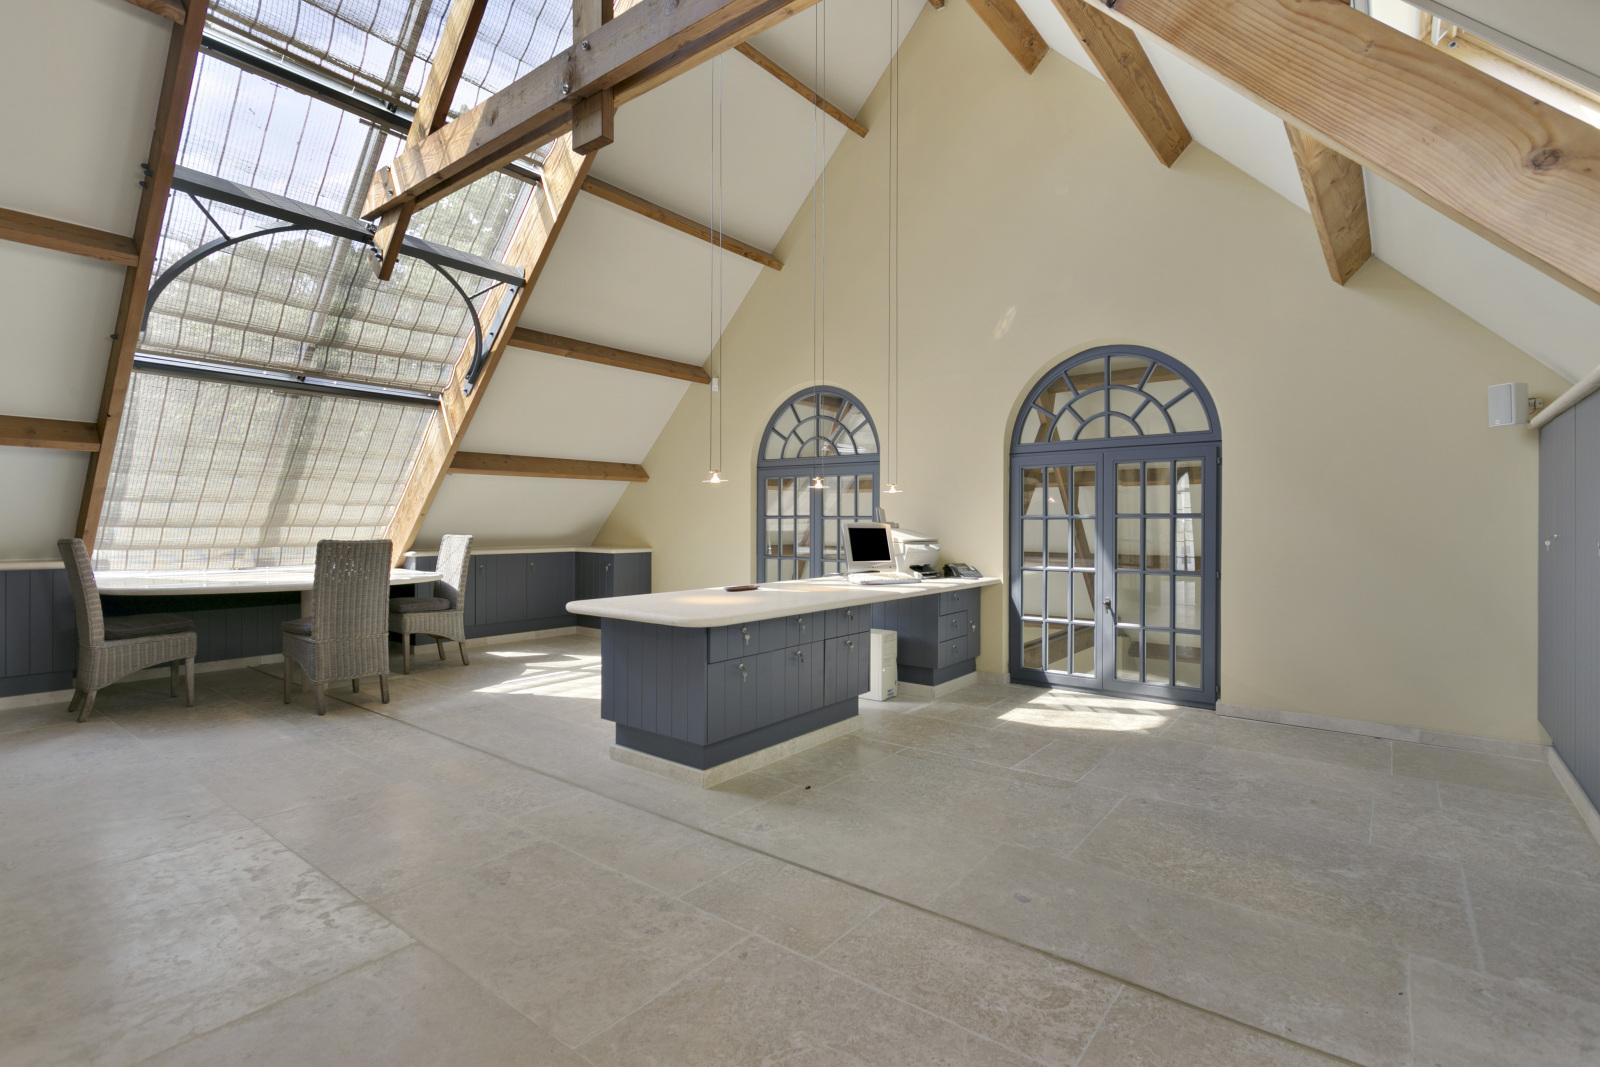 Prachtig domein met riante villa en zwembad op toplocatie te Schoten! afbeelding 43